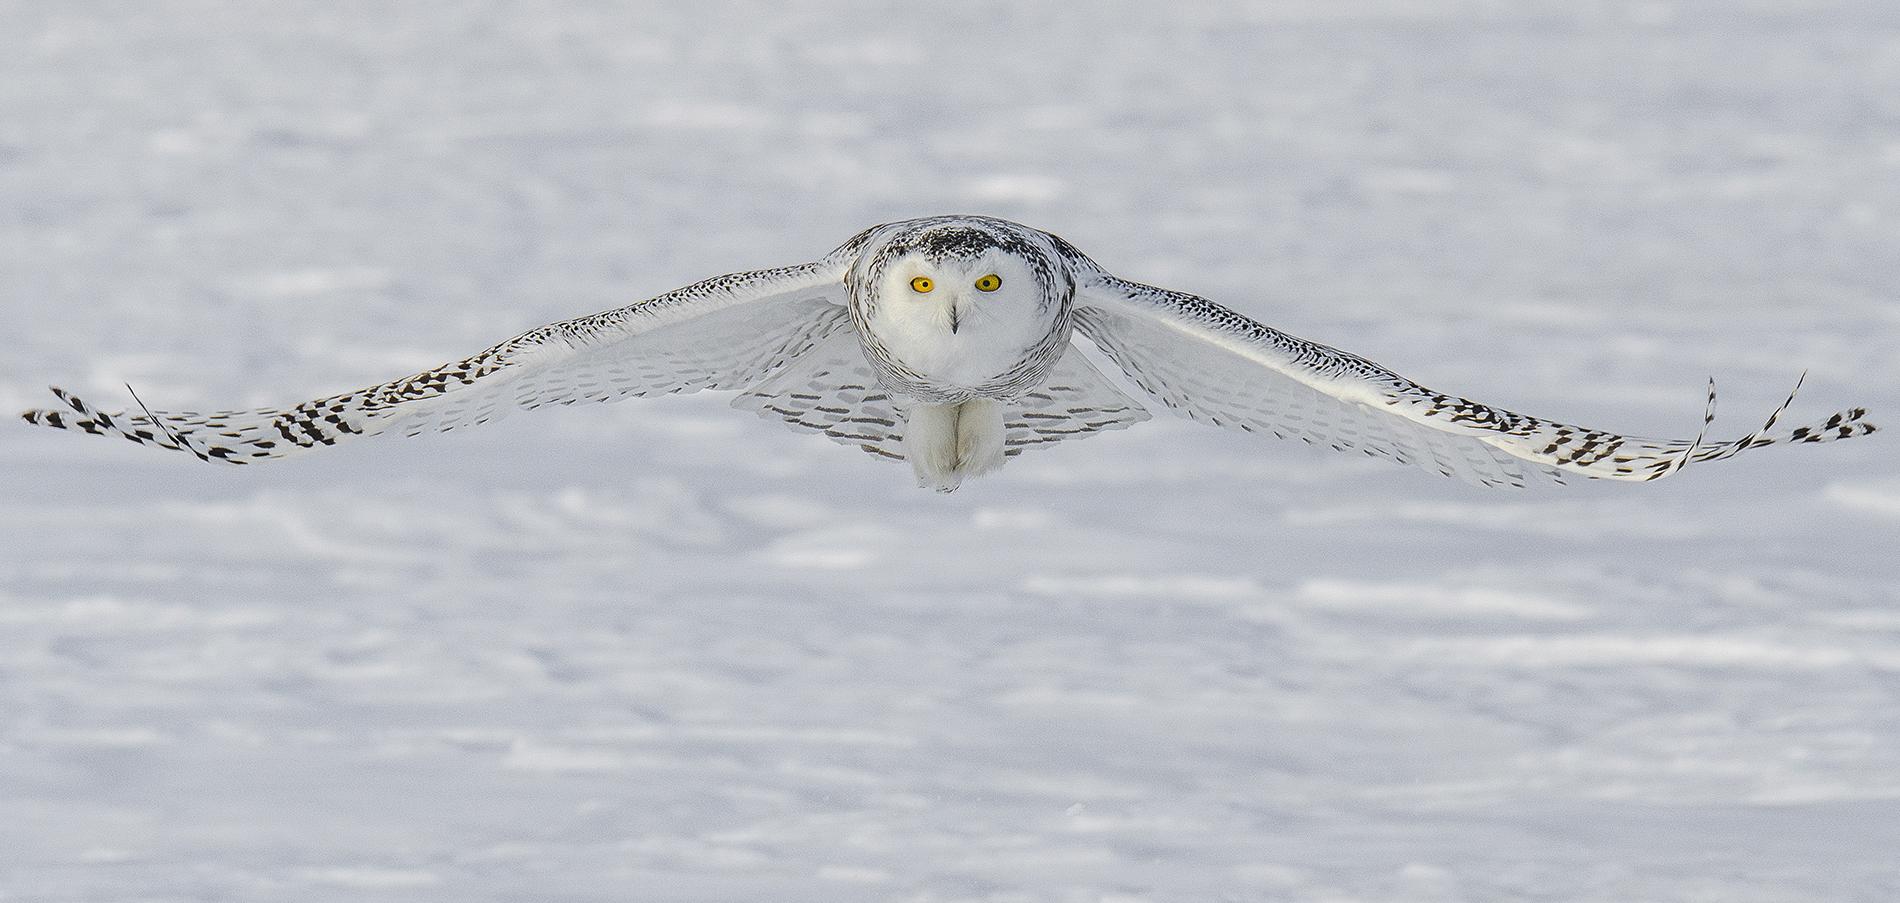 snowy flight.jpg